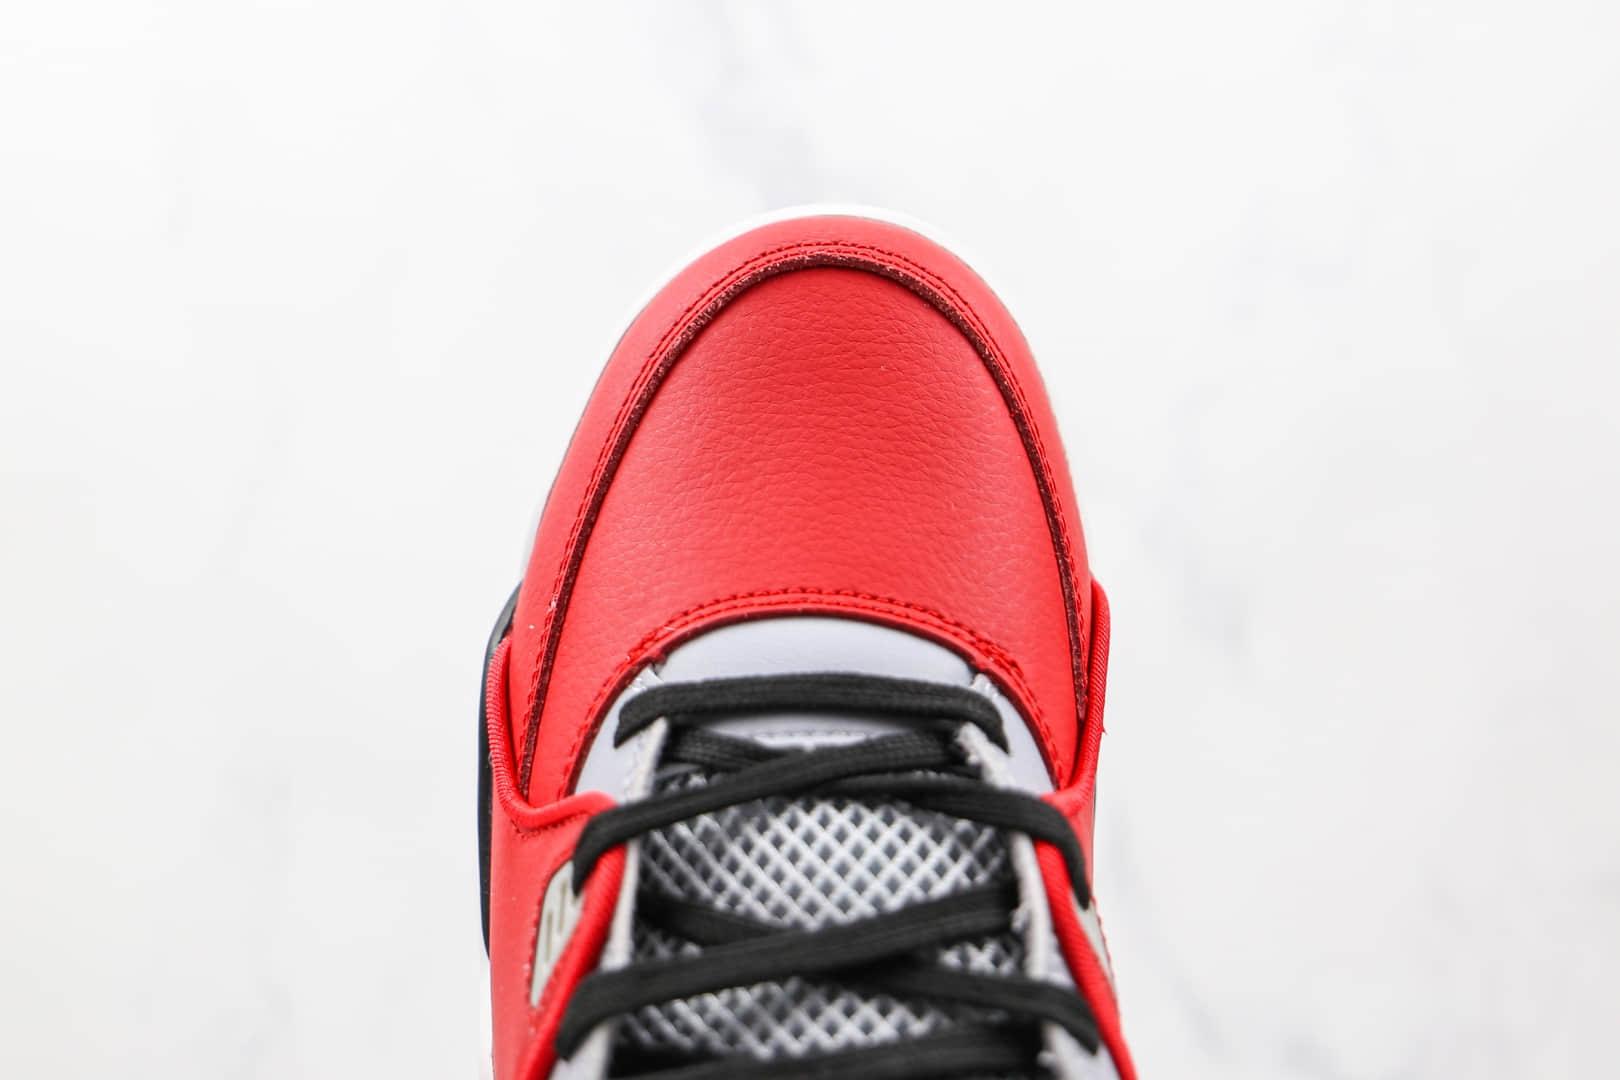 耐克Nike Air Flight 89纯原版本星际篮球鞋主题篮球鞋原档案数据开发 货号:CN5668-600